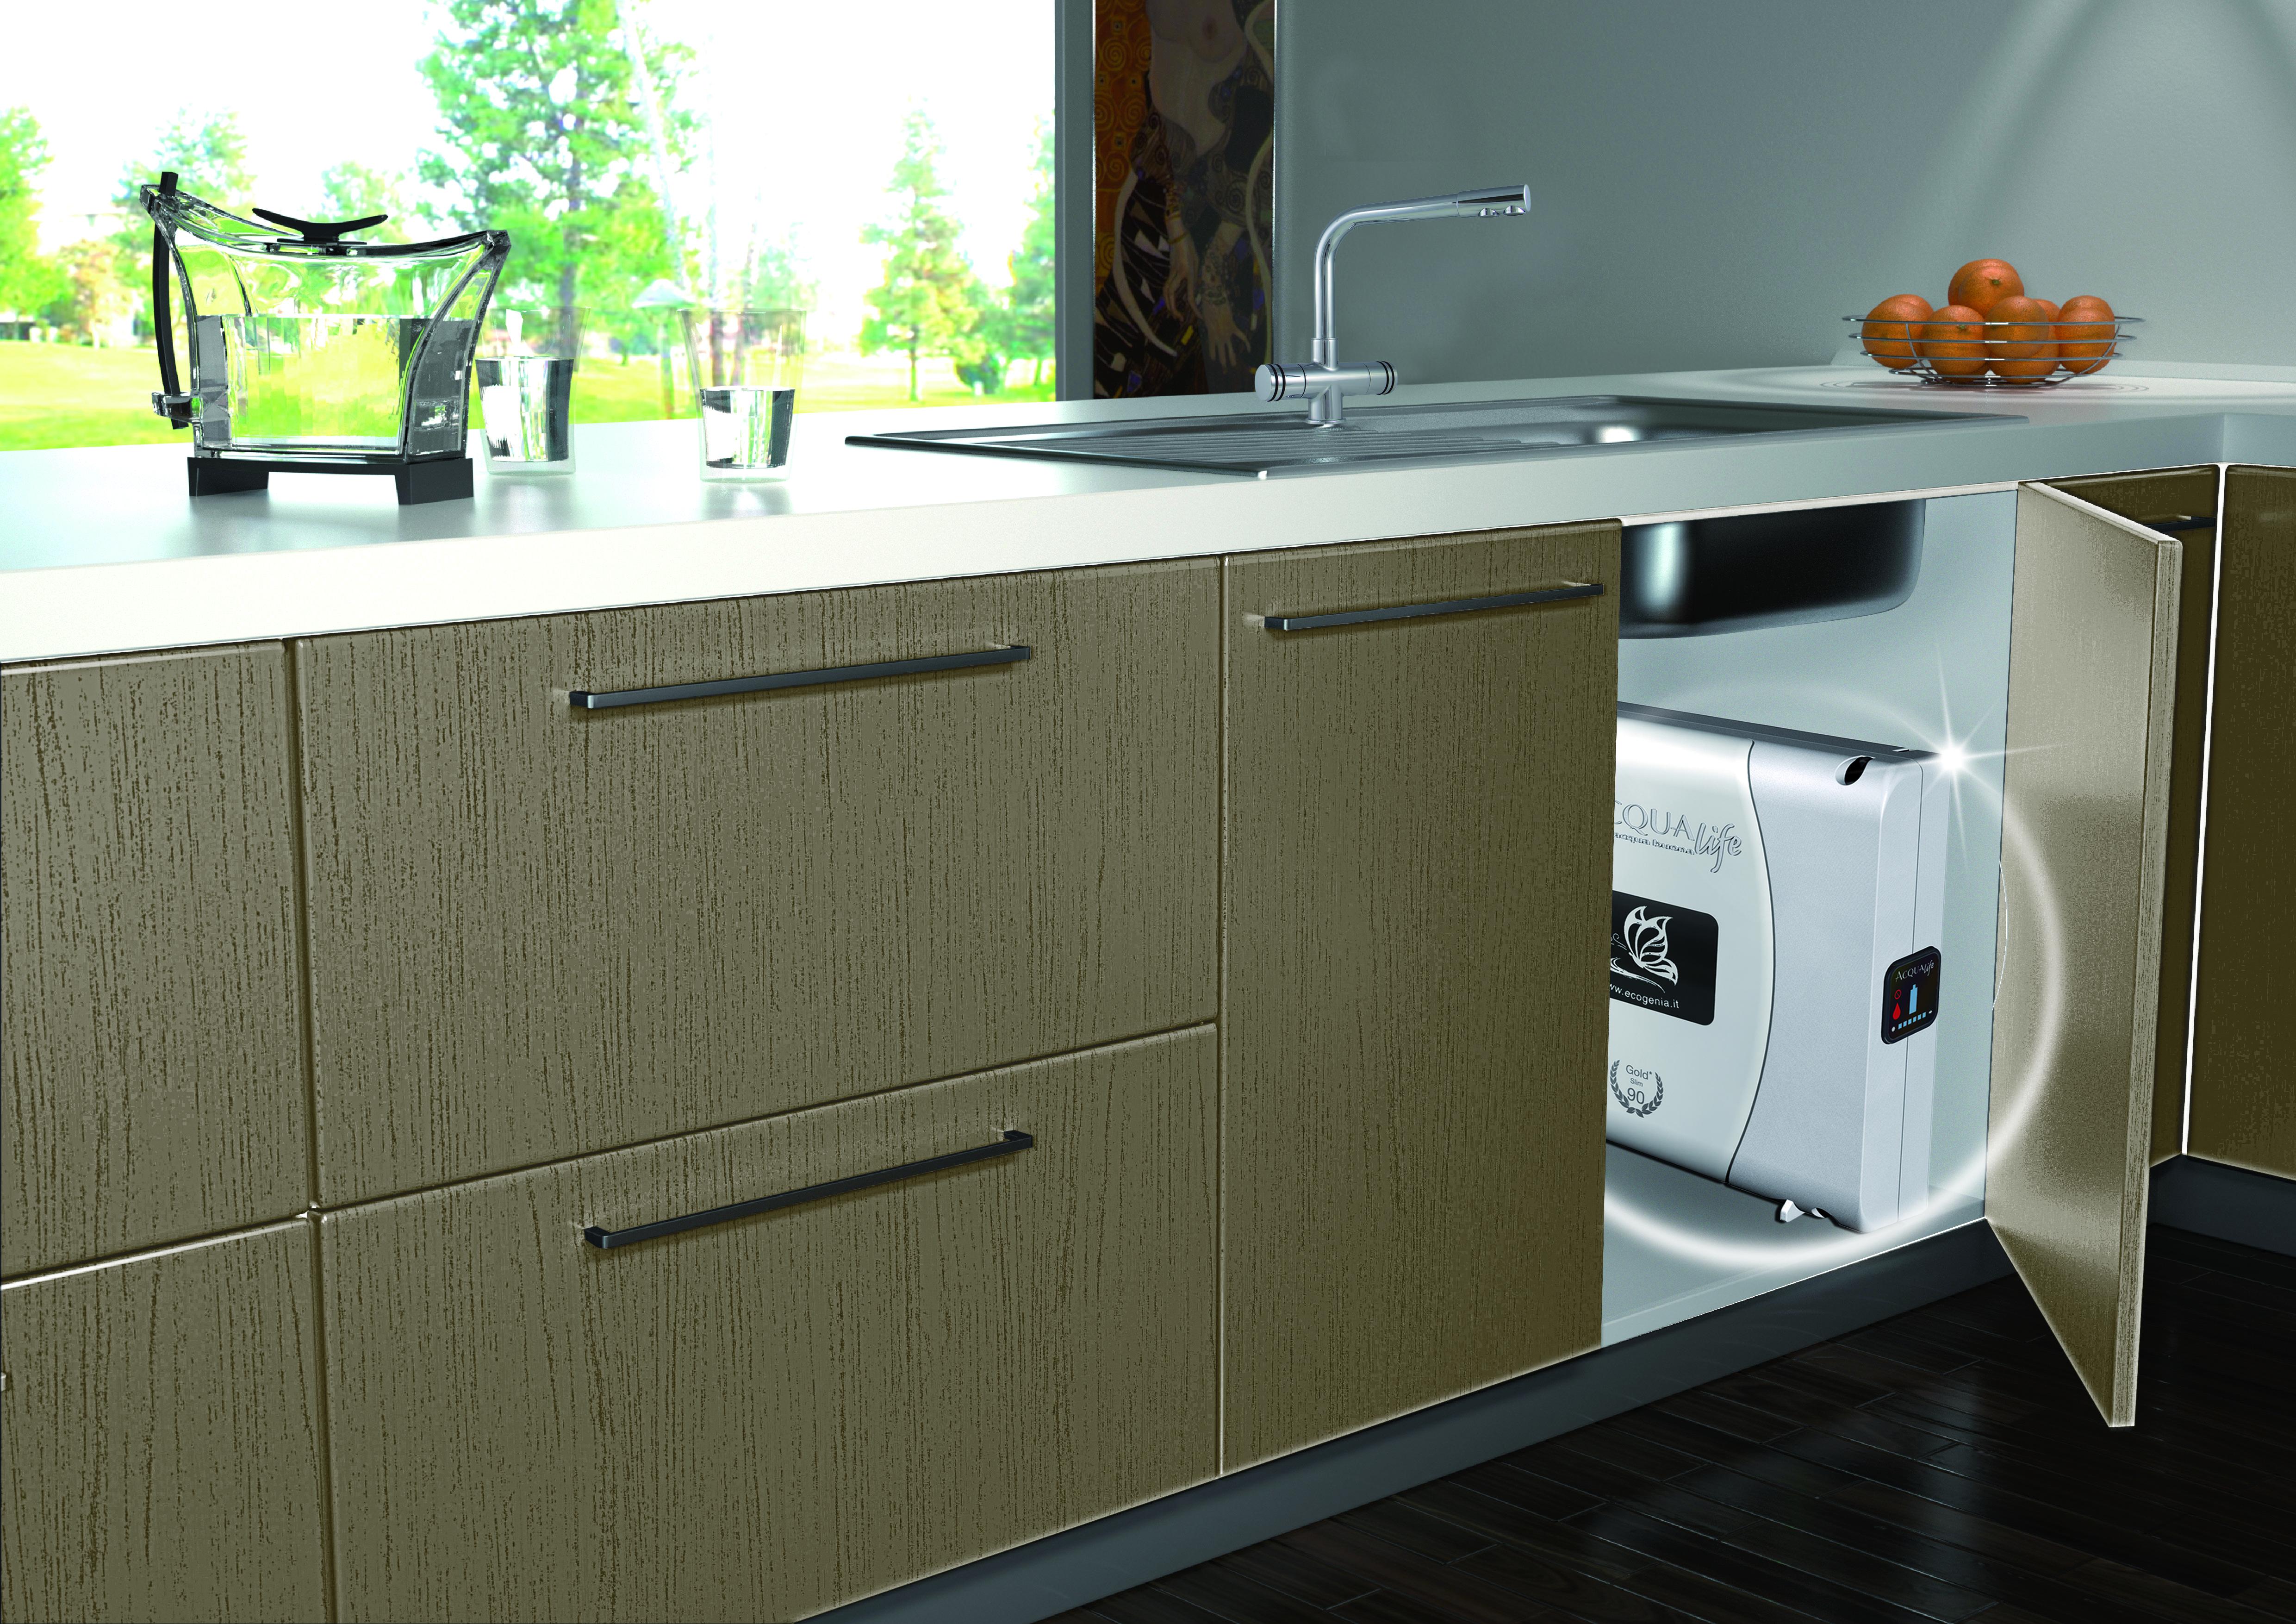 Depuratore d'acqua per cucina situato sotto al lavello